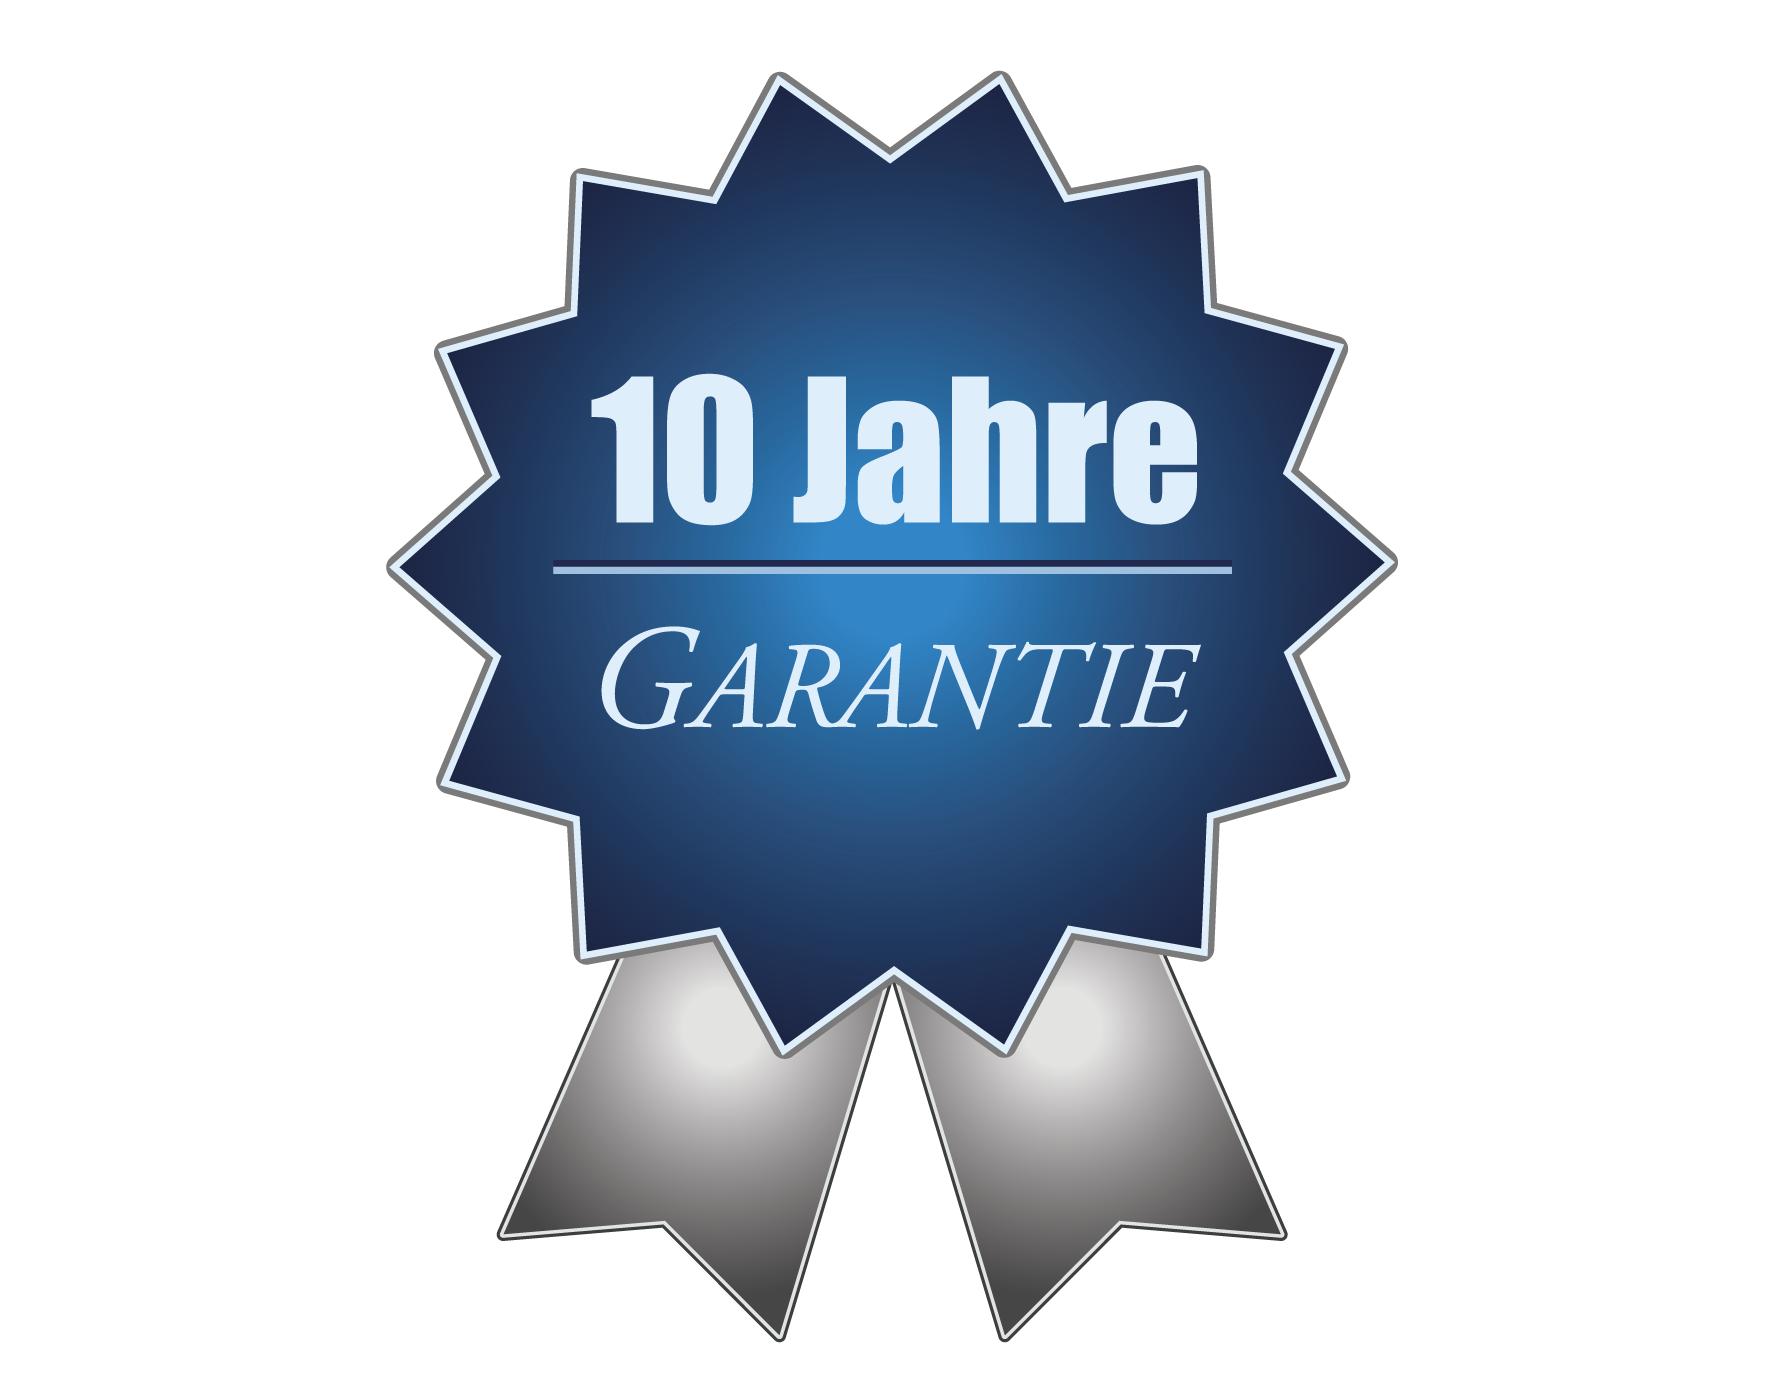 Stelzenhaus Garantie 10 Jahre